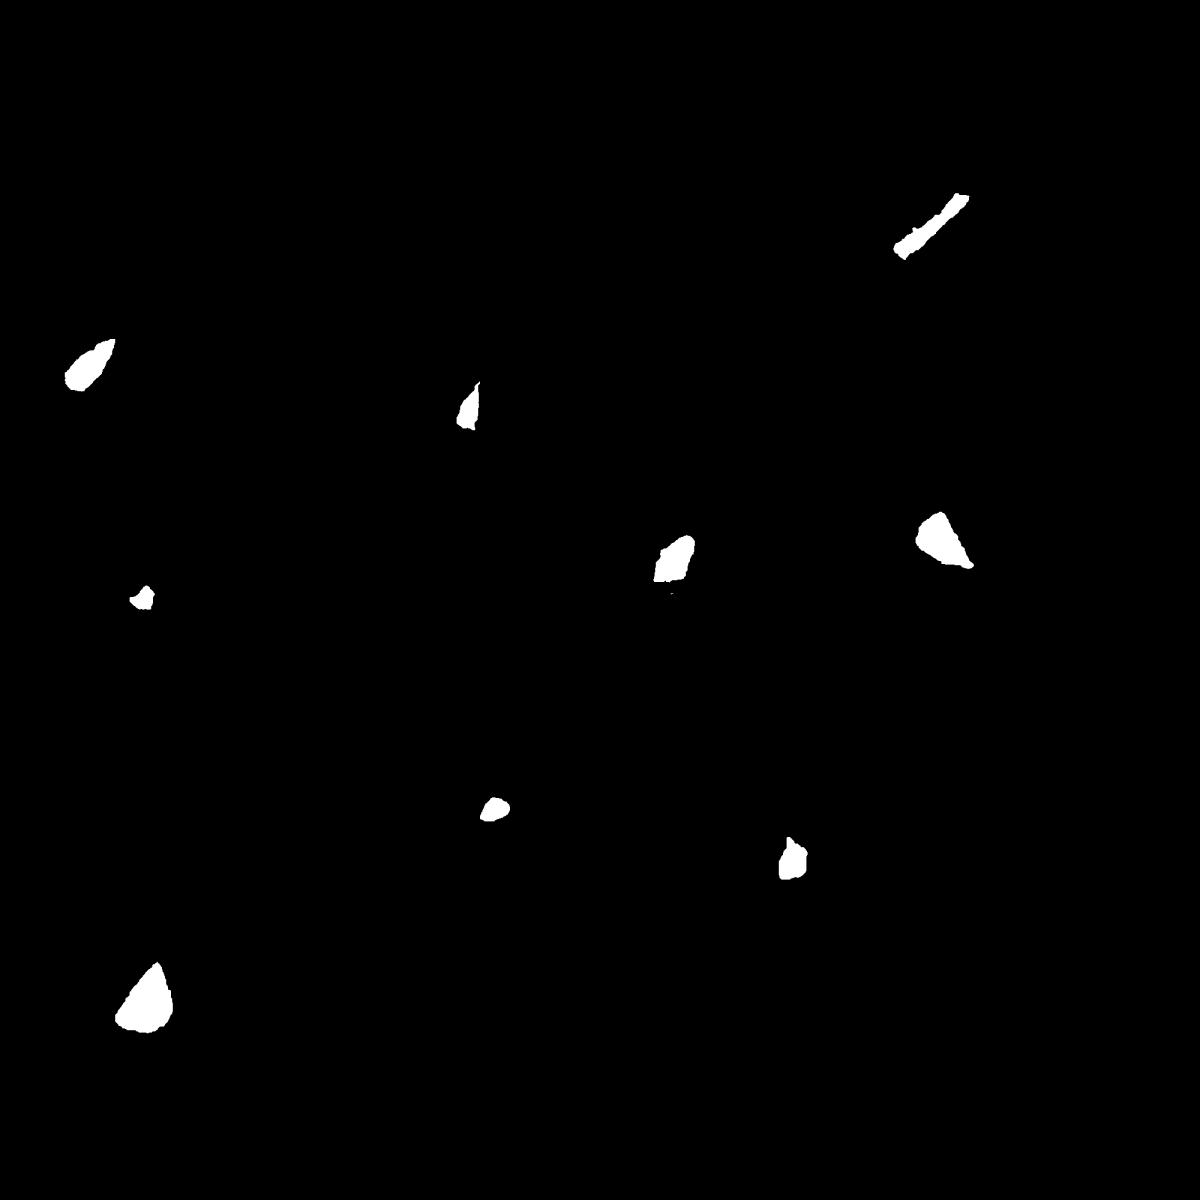 紙吹雪のイラスト / confetti Illustration